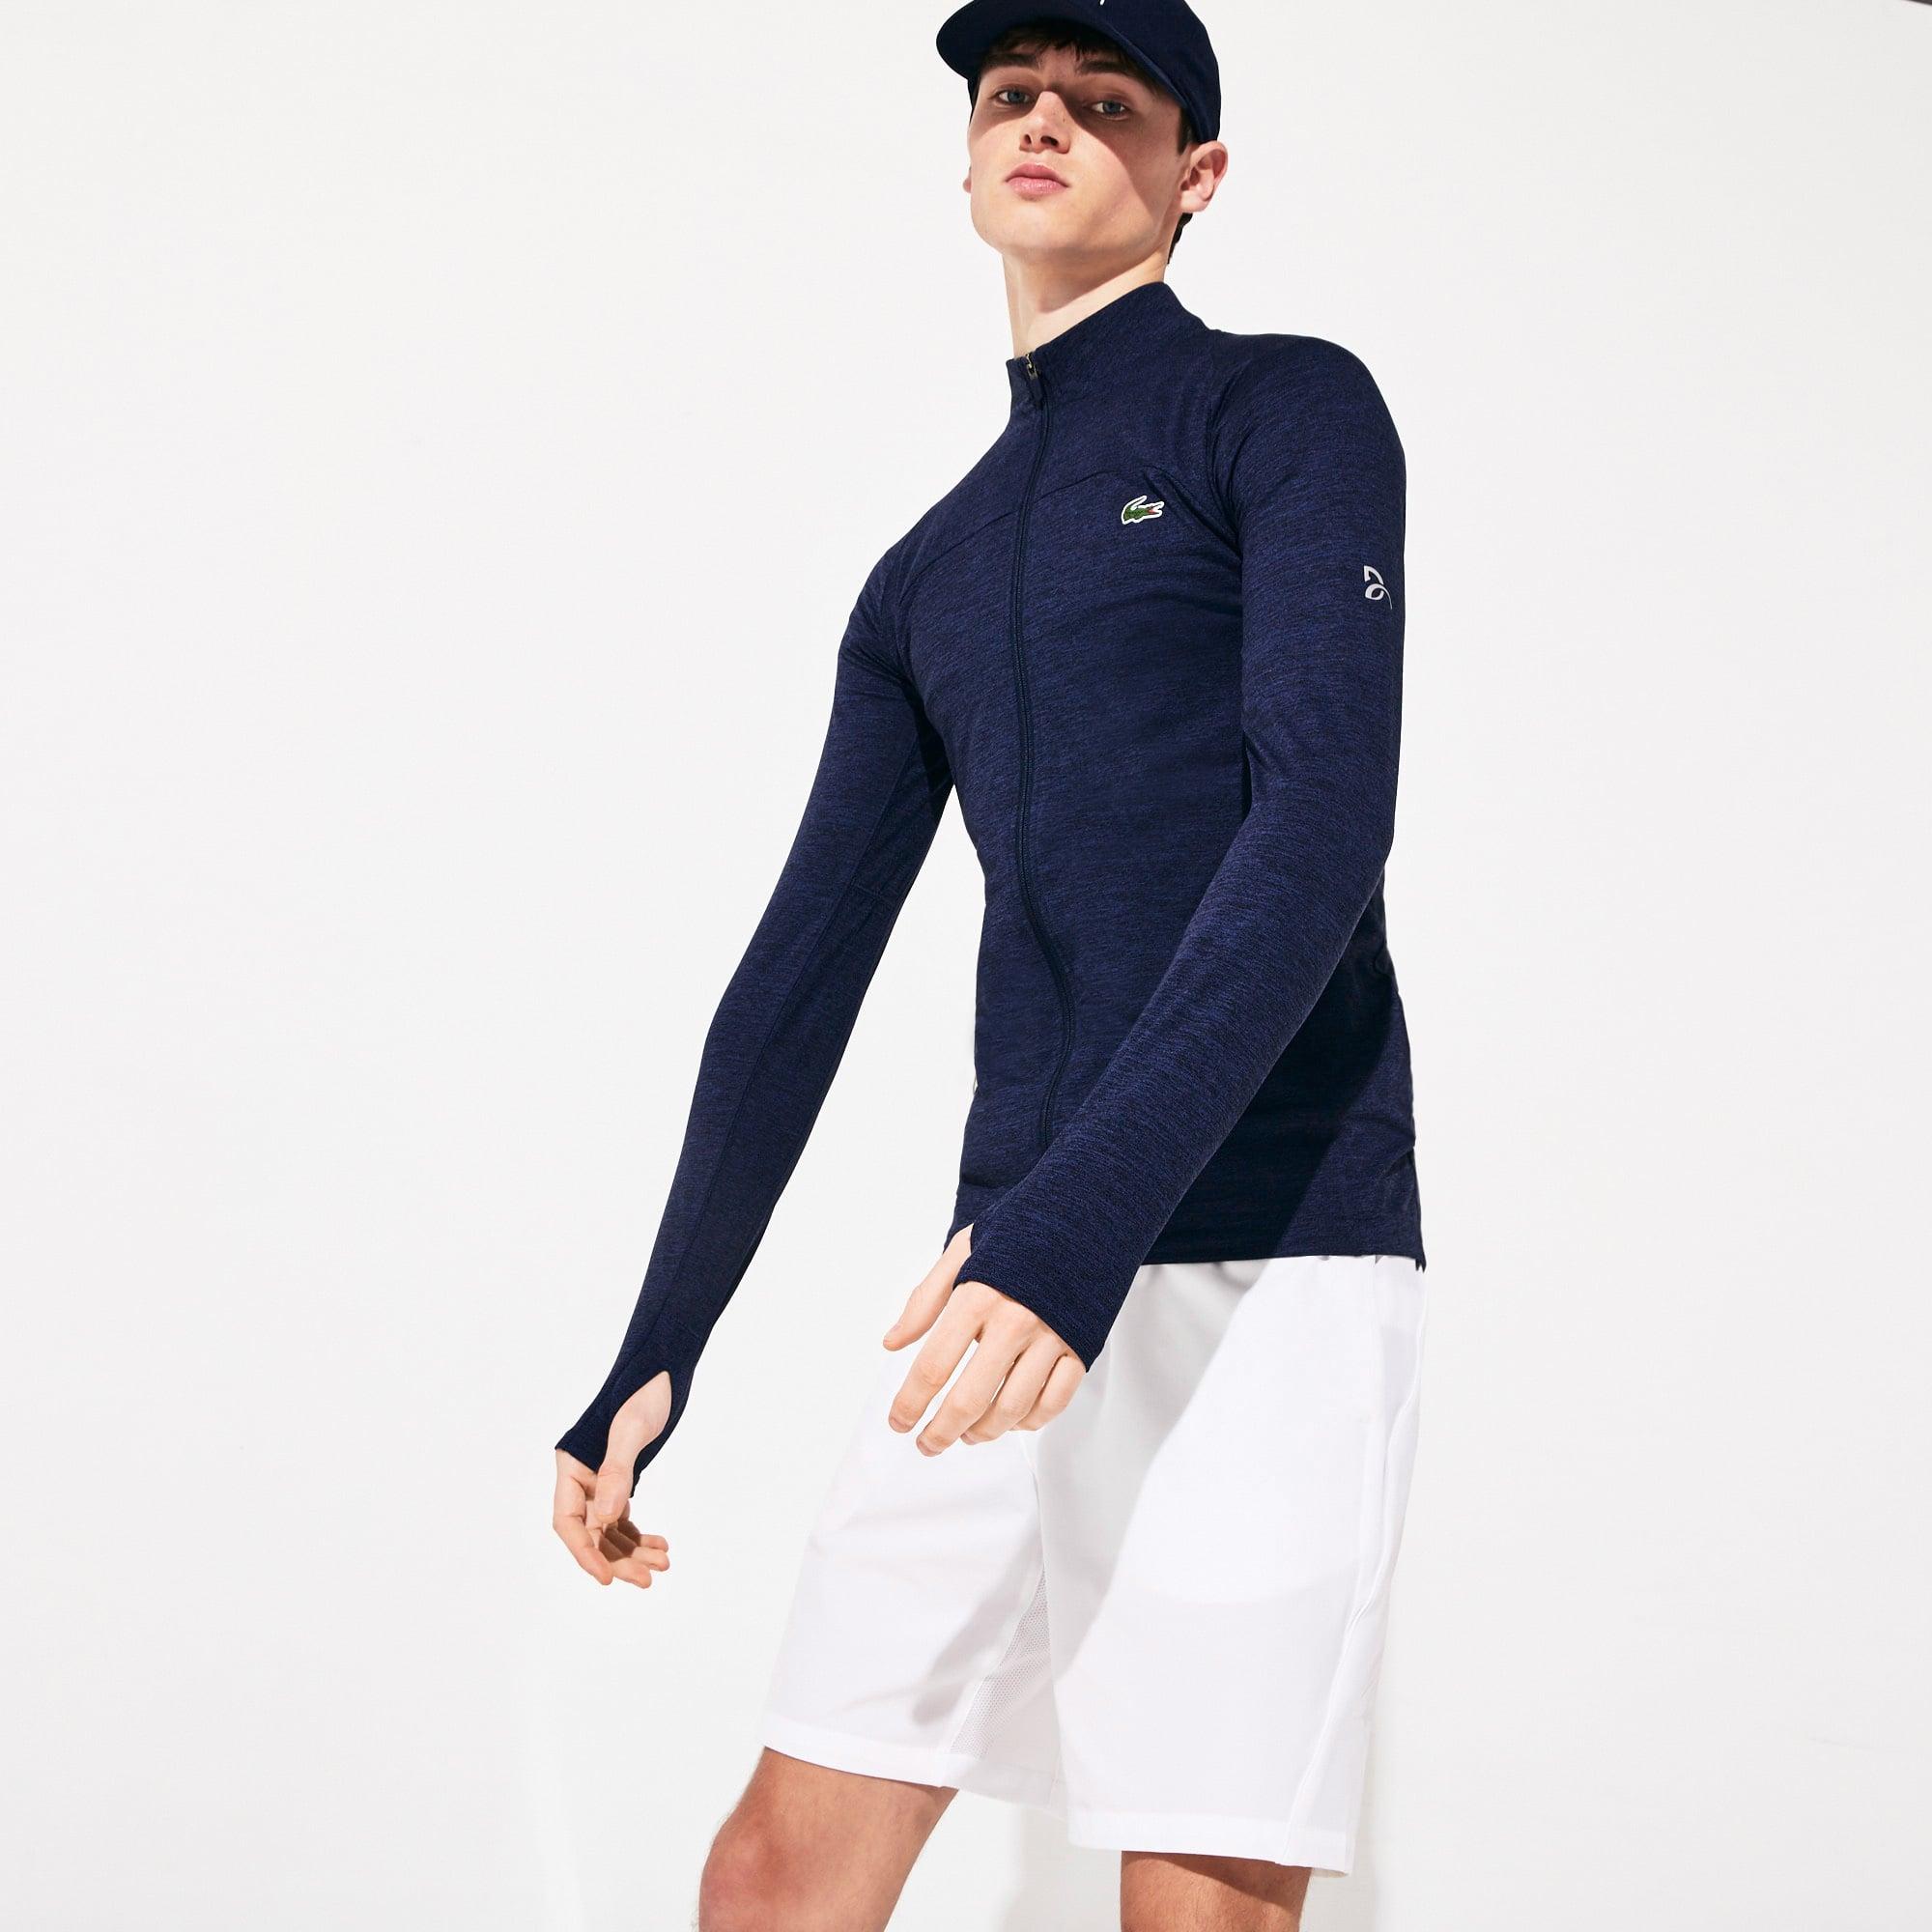 Men's Lacoste SPORT x Novak Djokovic Stretch Zippered Jacket